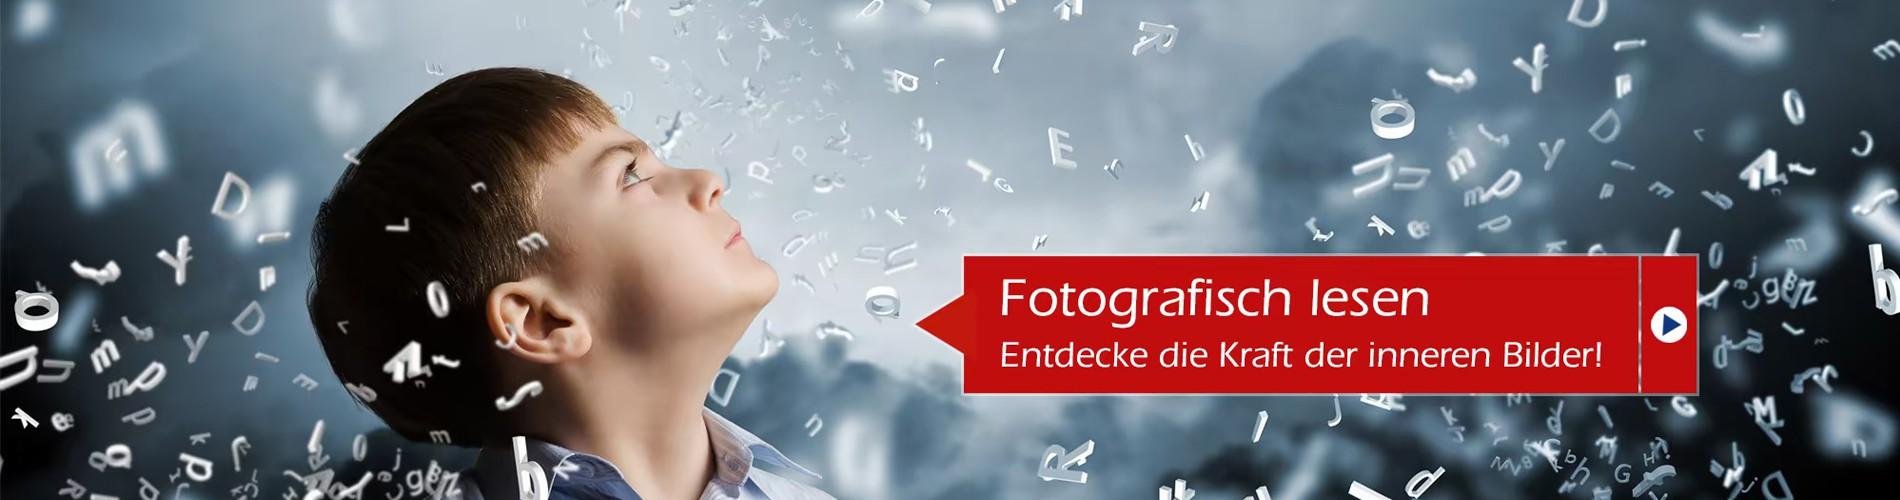 Fotografisches Lesen – Die Kraft der inneren Bilder